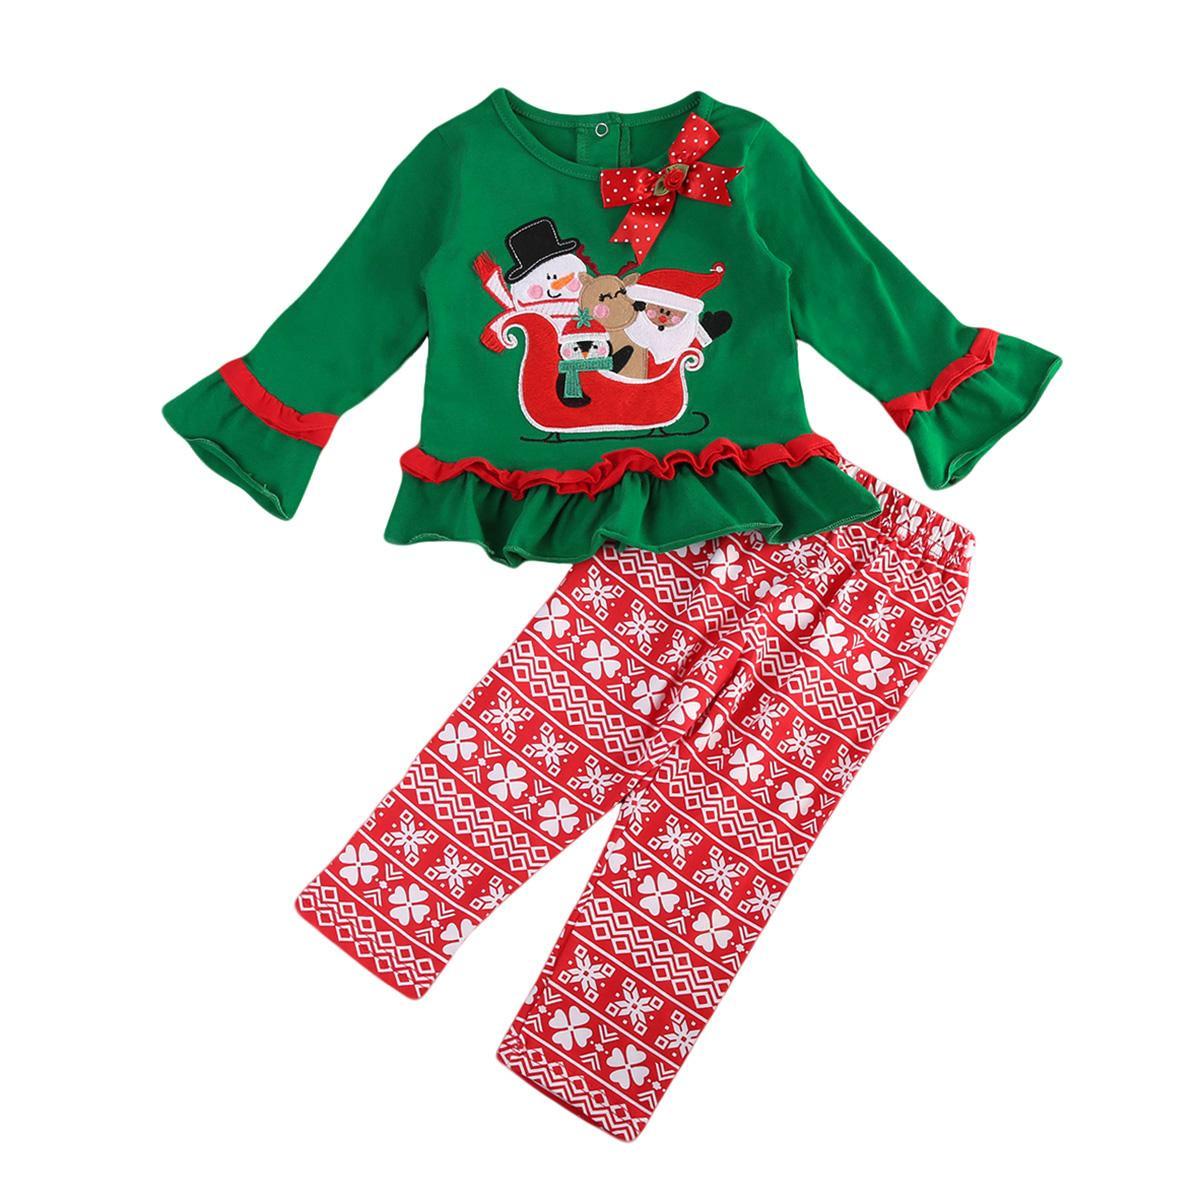 طفل طفل طفل بنات ملابس سانتا كلوز طويل مضيئة كم تي شيرت أحمر الأزهار طماق سروال مجموعة الزي الملابس للفتيات طفل